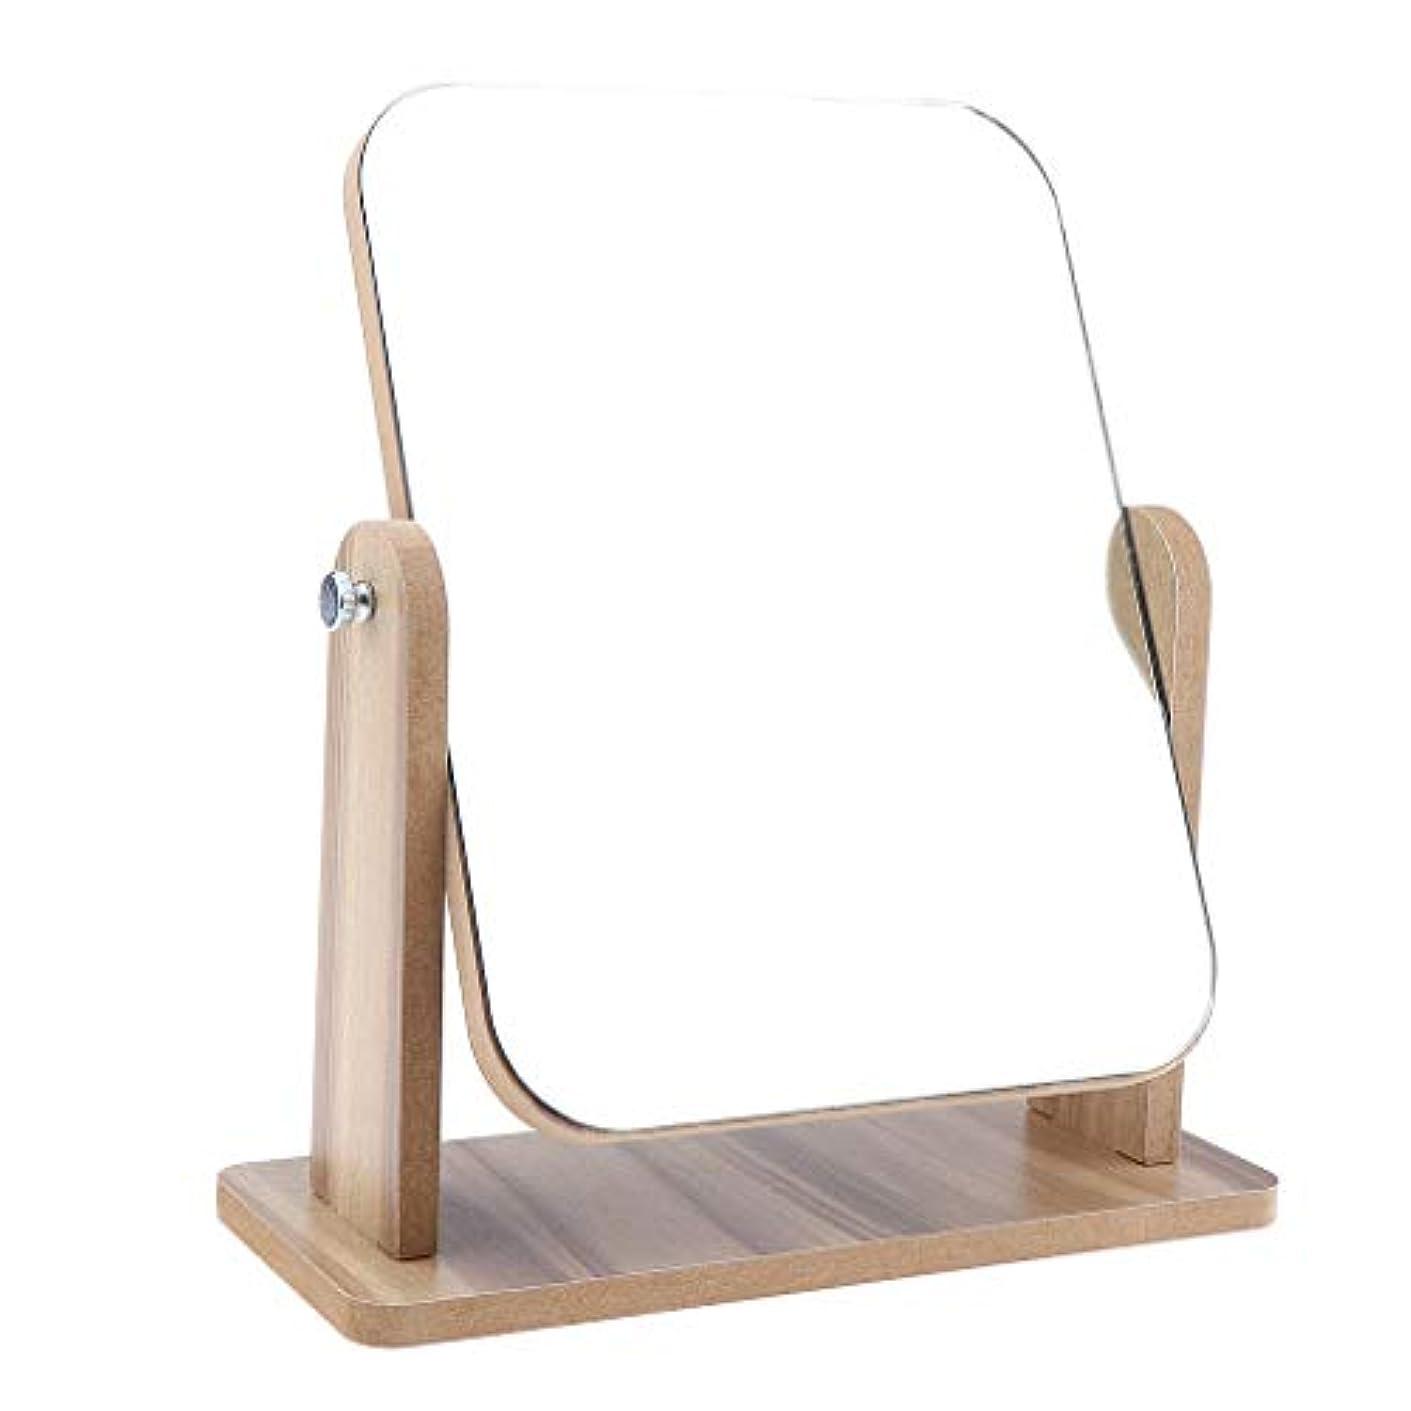 意気込み実験的接続されたB Blesiya メイクアップミラー 化粧鏡 レトロ 卓上ミラー 木製ベース 旅行 2サイズ選べ - 22x17 cm